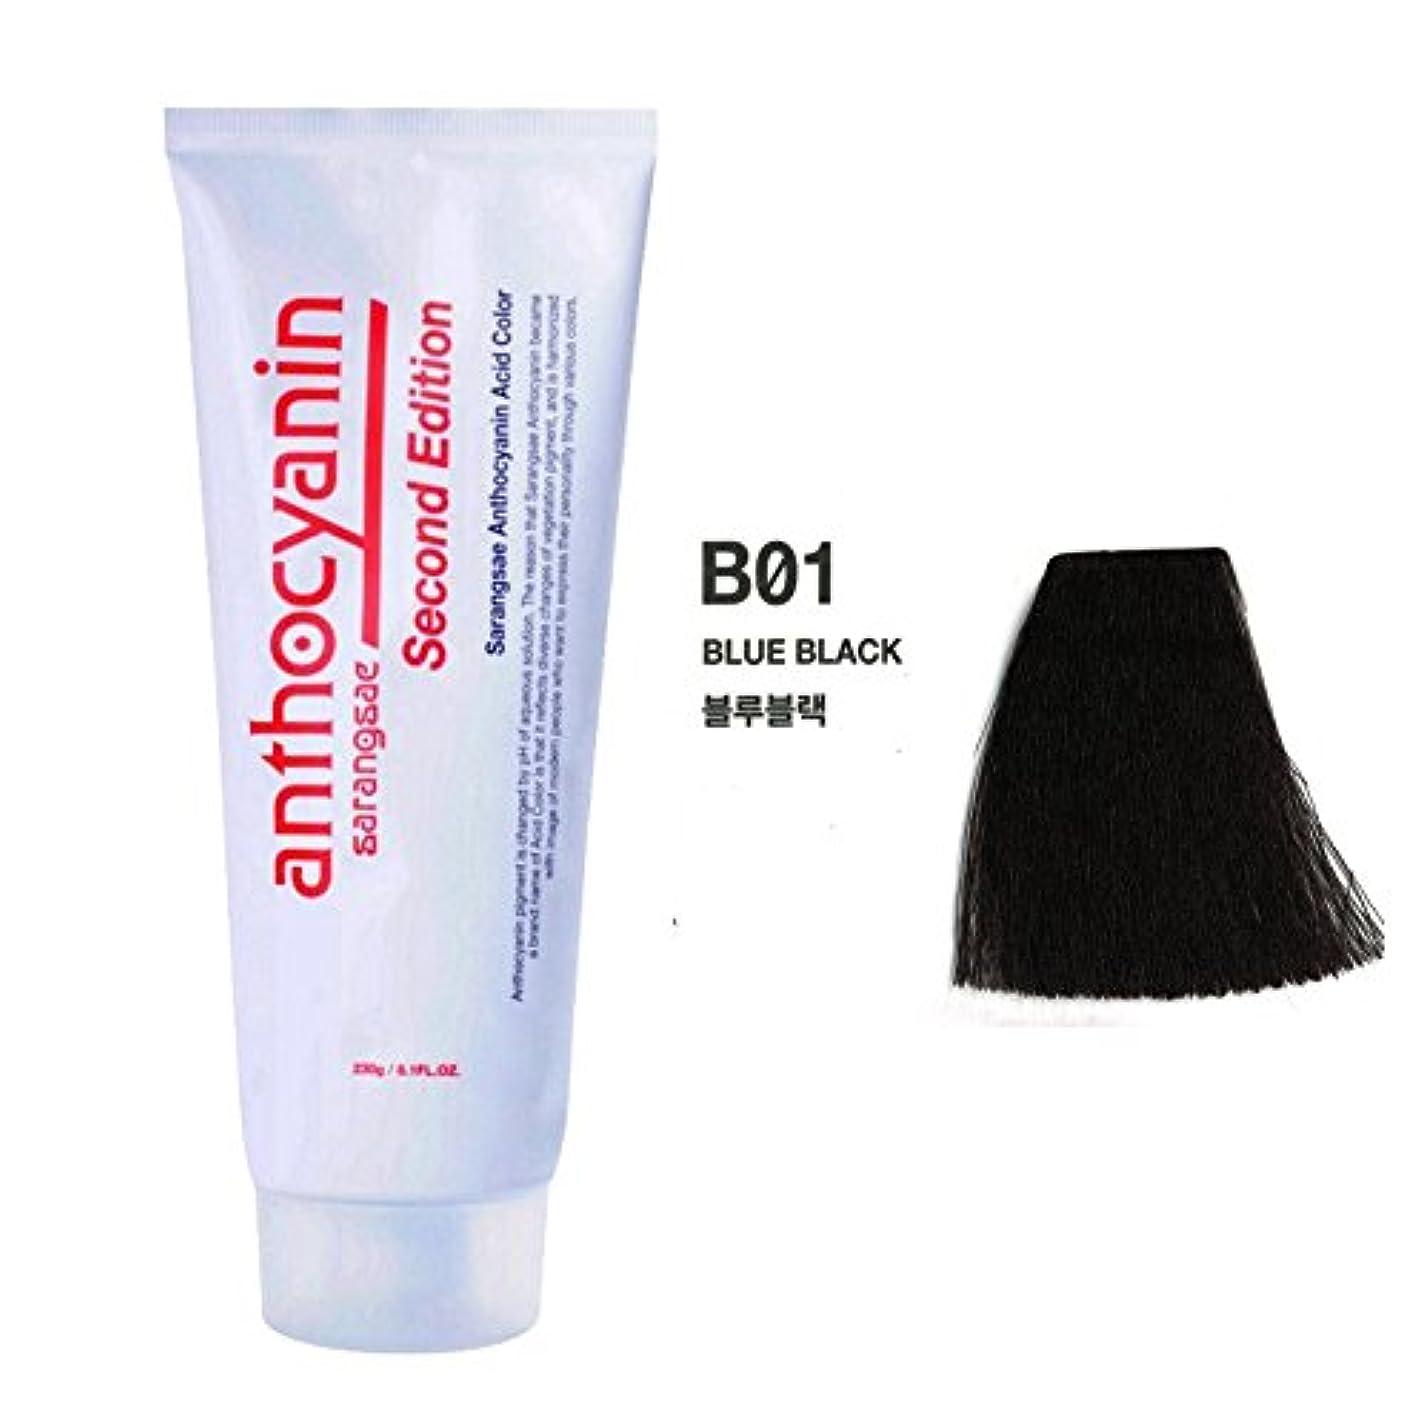 シエスタリンケージ何でもヘア マニキュア カラー セカンド エディション 230g セミ パーマネント 染毛剤 ( Hair Manicure Color Second Edition 230g Semi Permanent Hair Dye) [並行輸入品] (B01 Blue Black)